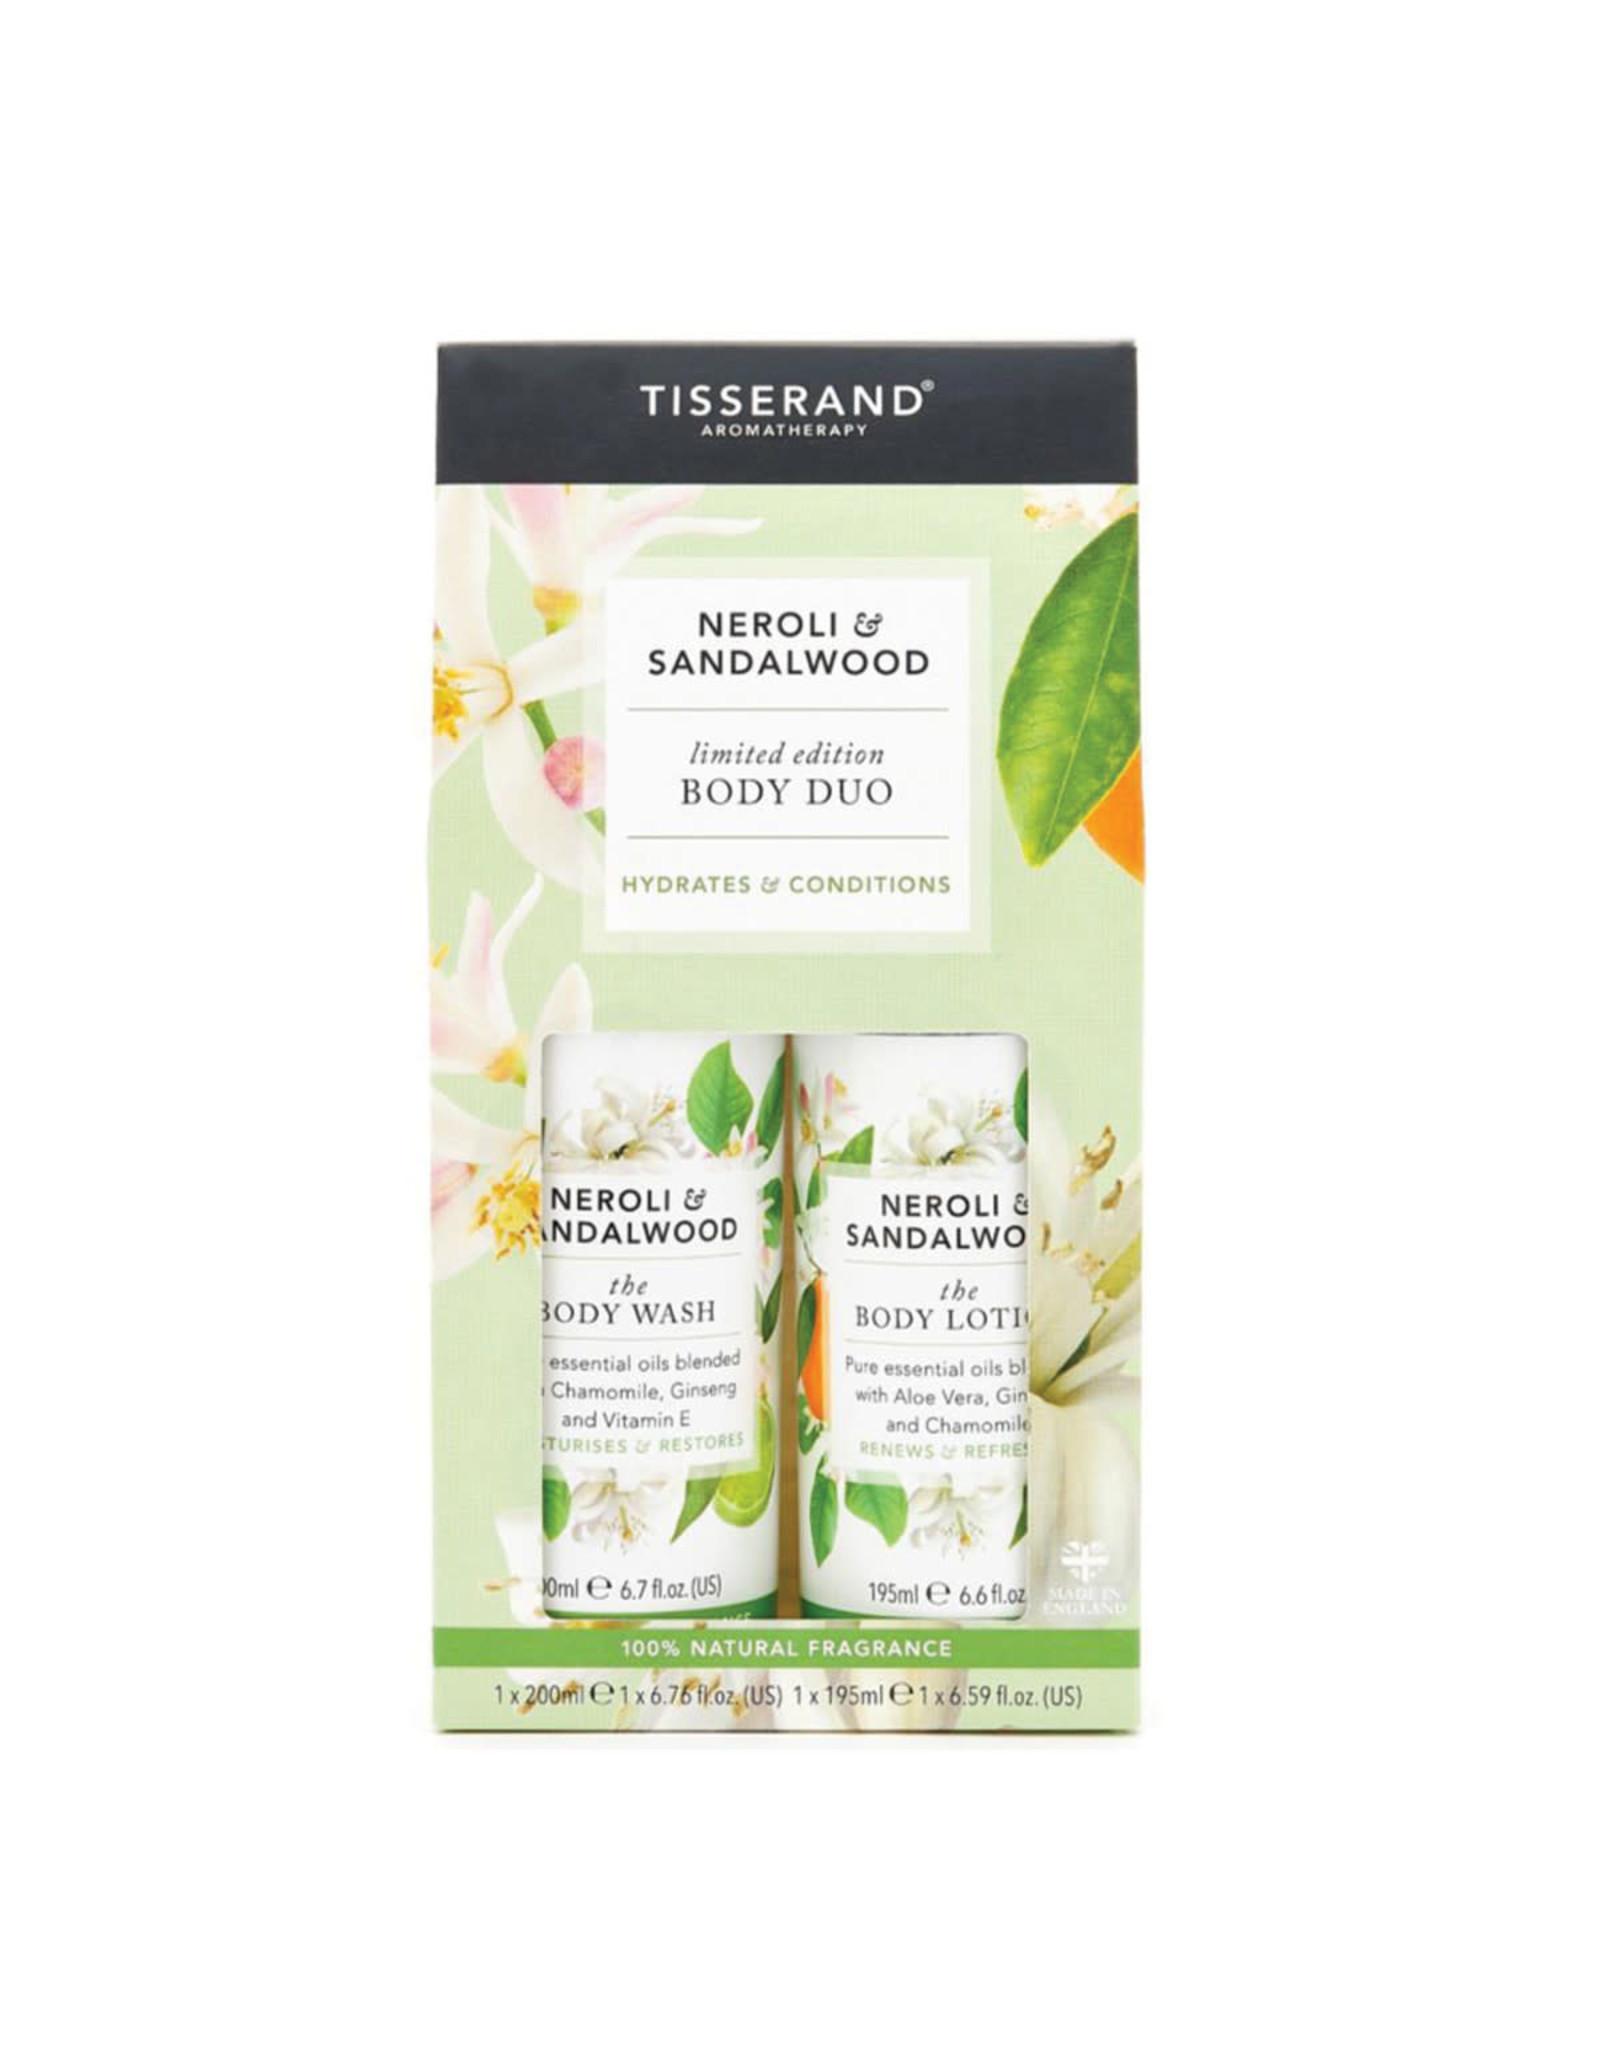 Tisserand Body Duo Neroli and Sandalwood Gift Pack